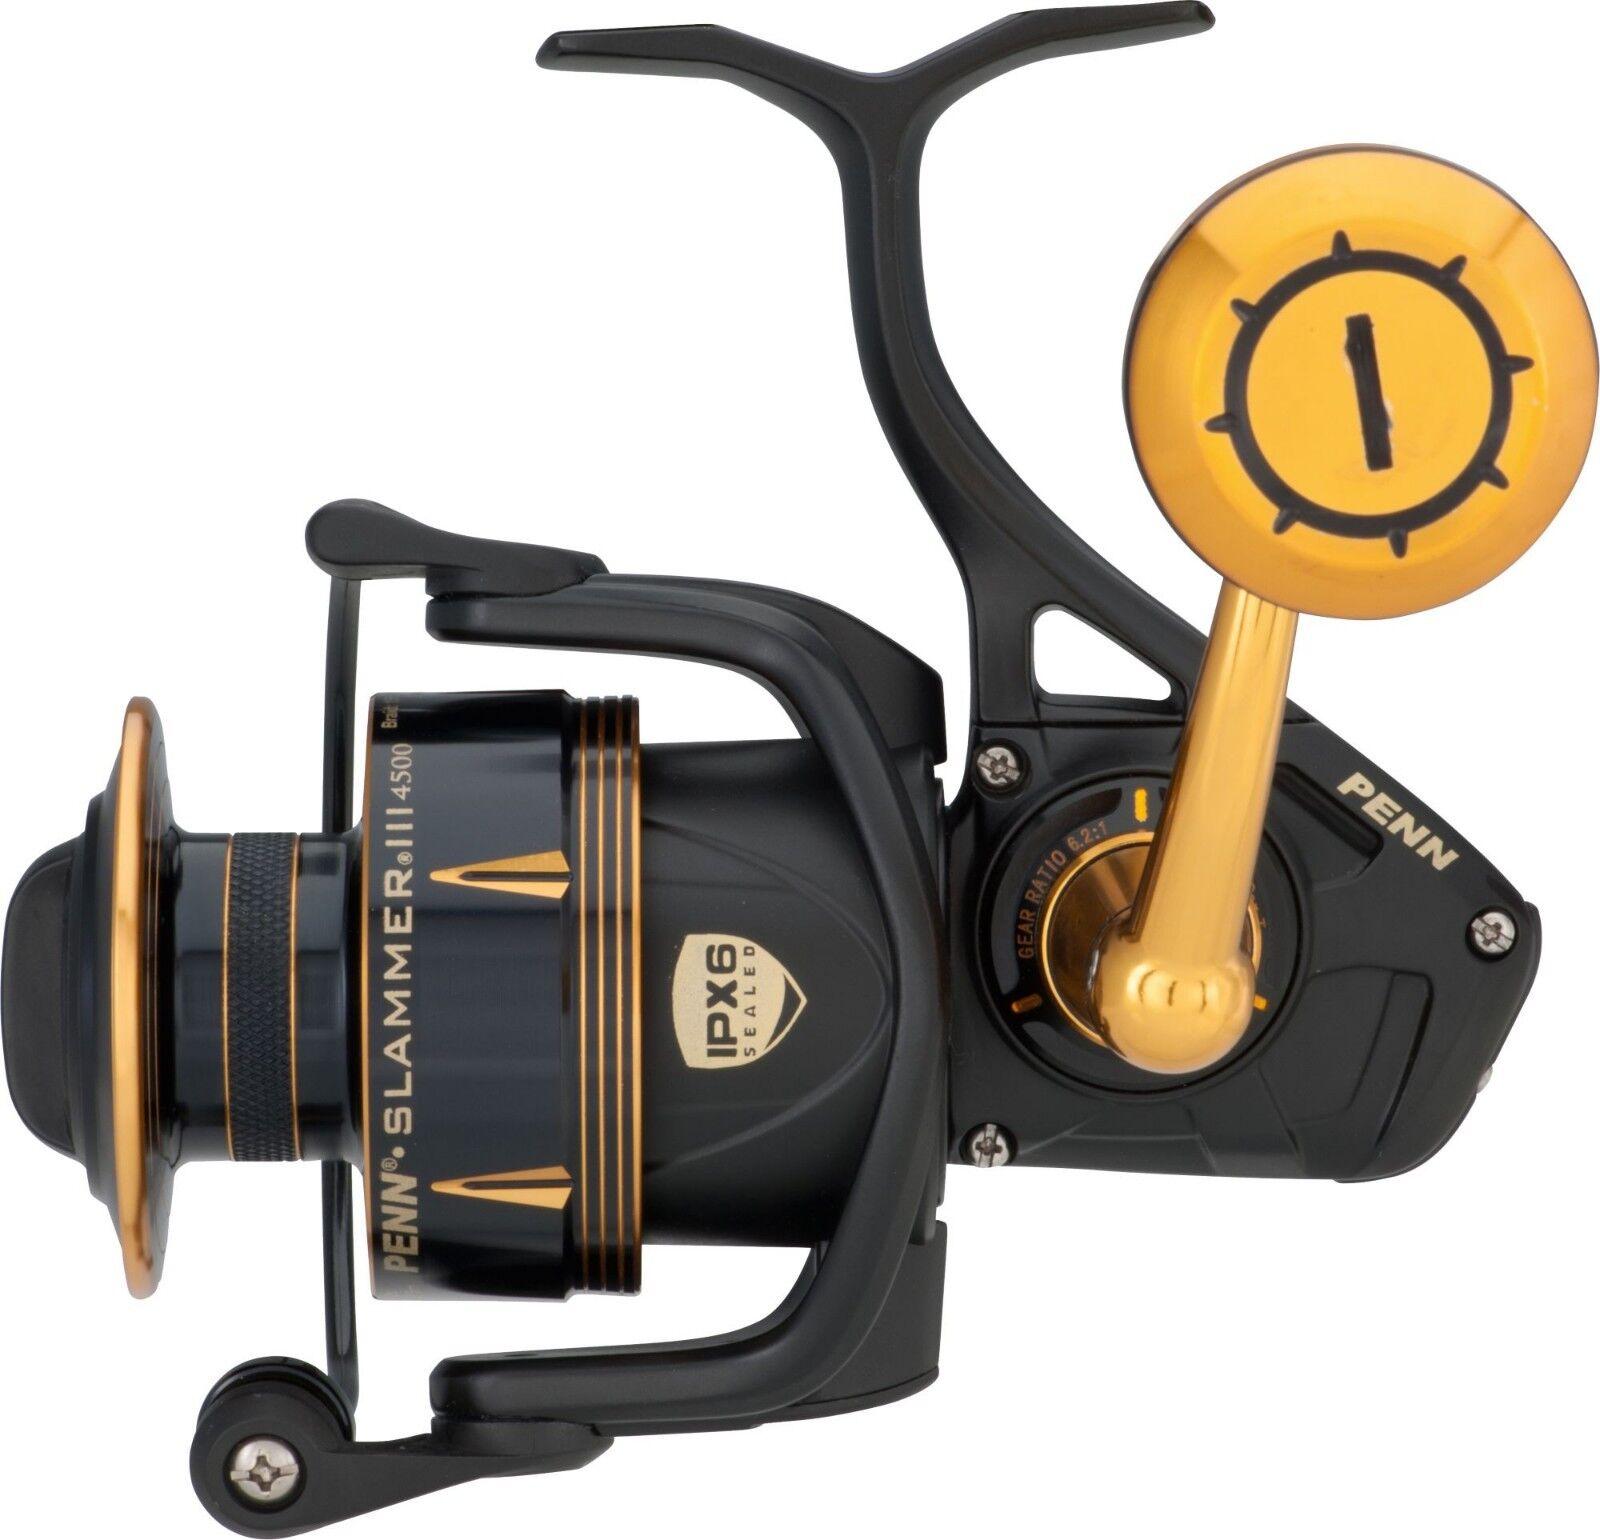 NEW Penn Slammer III  Penn Spinning Reel Slammer III 5500 sz SLAIII5500  order now lowest prices